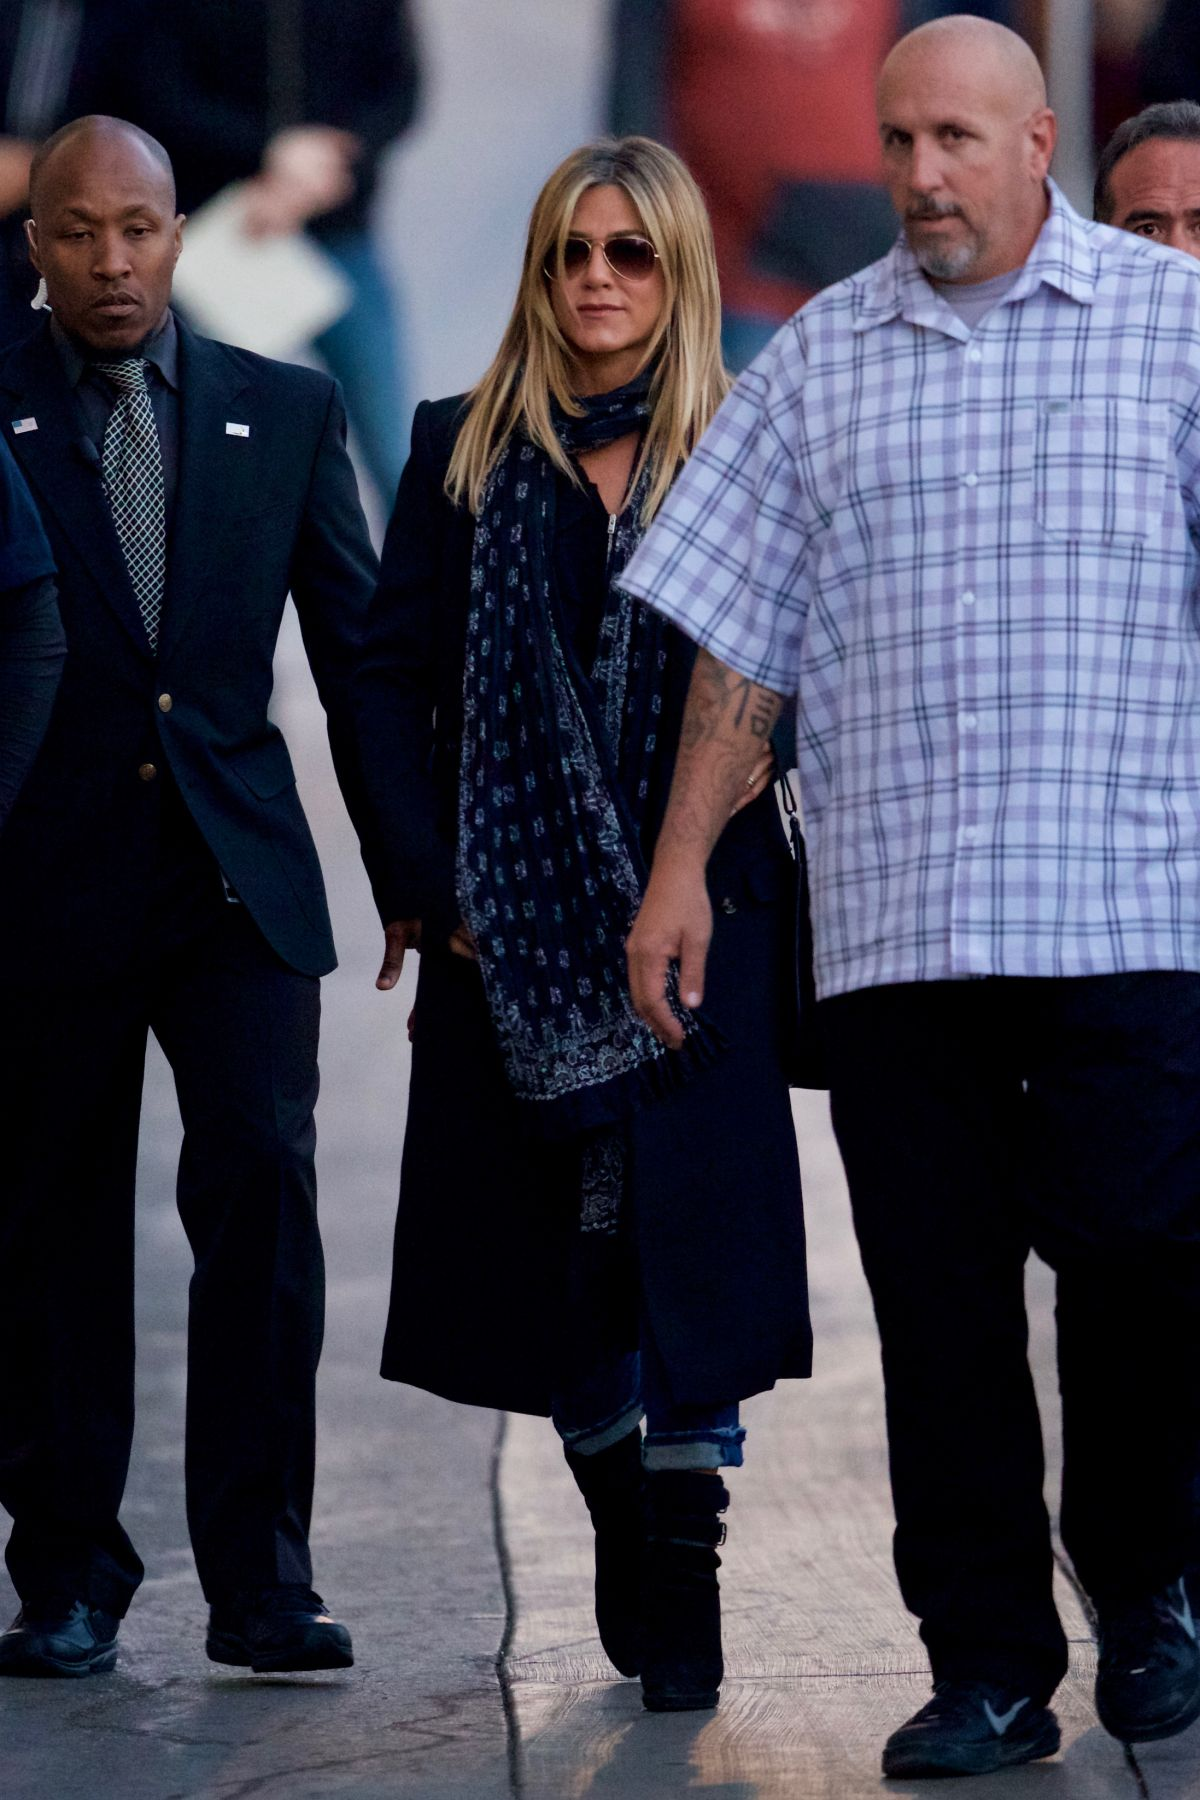 JENNIFER ANISTON Arrives at Jimmy Kimmel Live in Hollywood 12/08/2016   jennifer-aniston-arrives-at-jimmy-kimmel-live-in-hollywood-12-08-2016_4